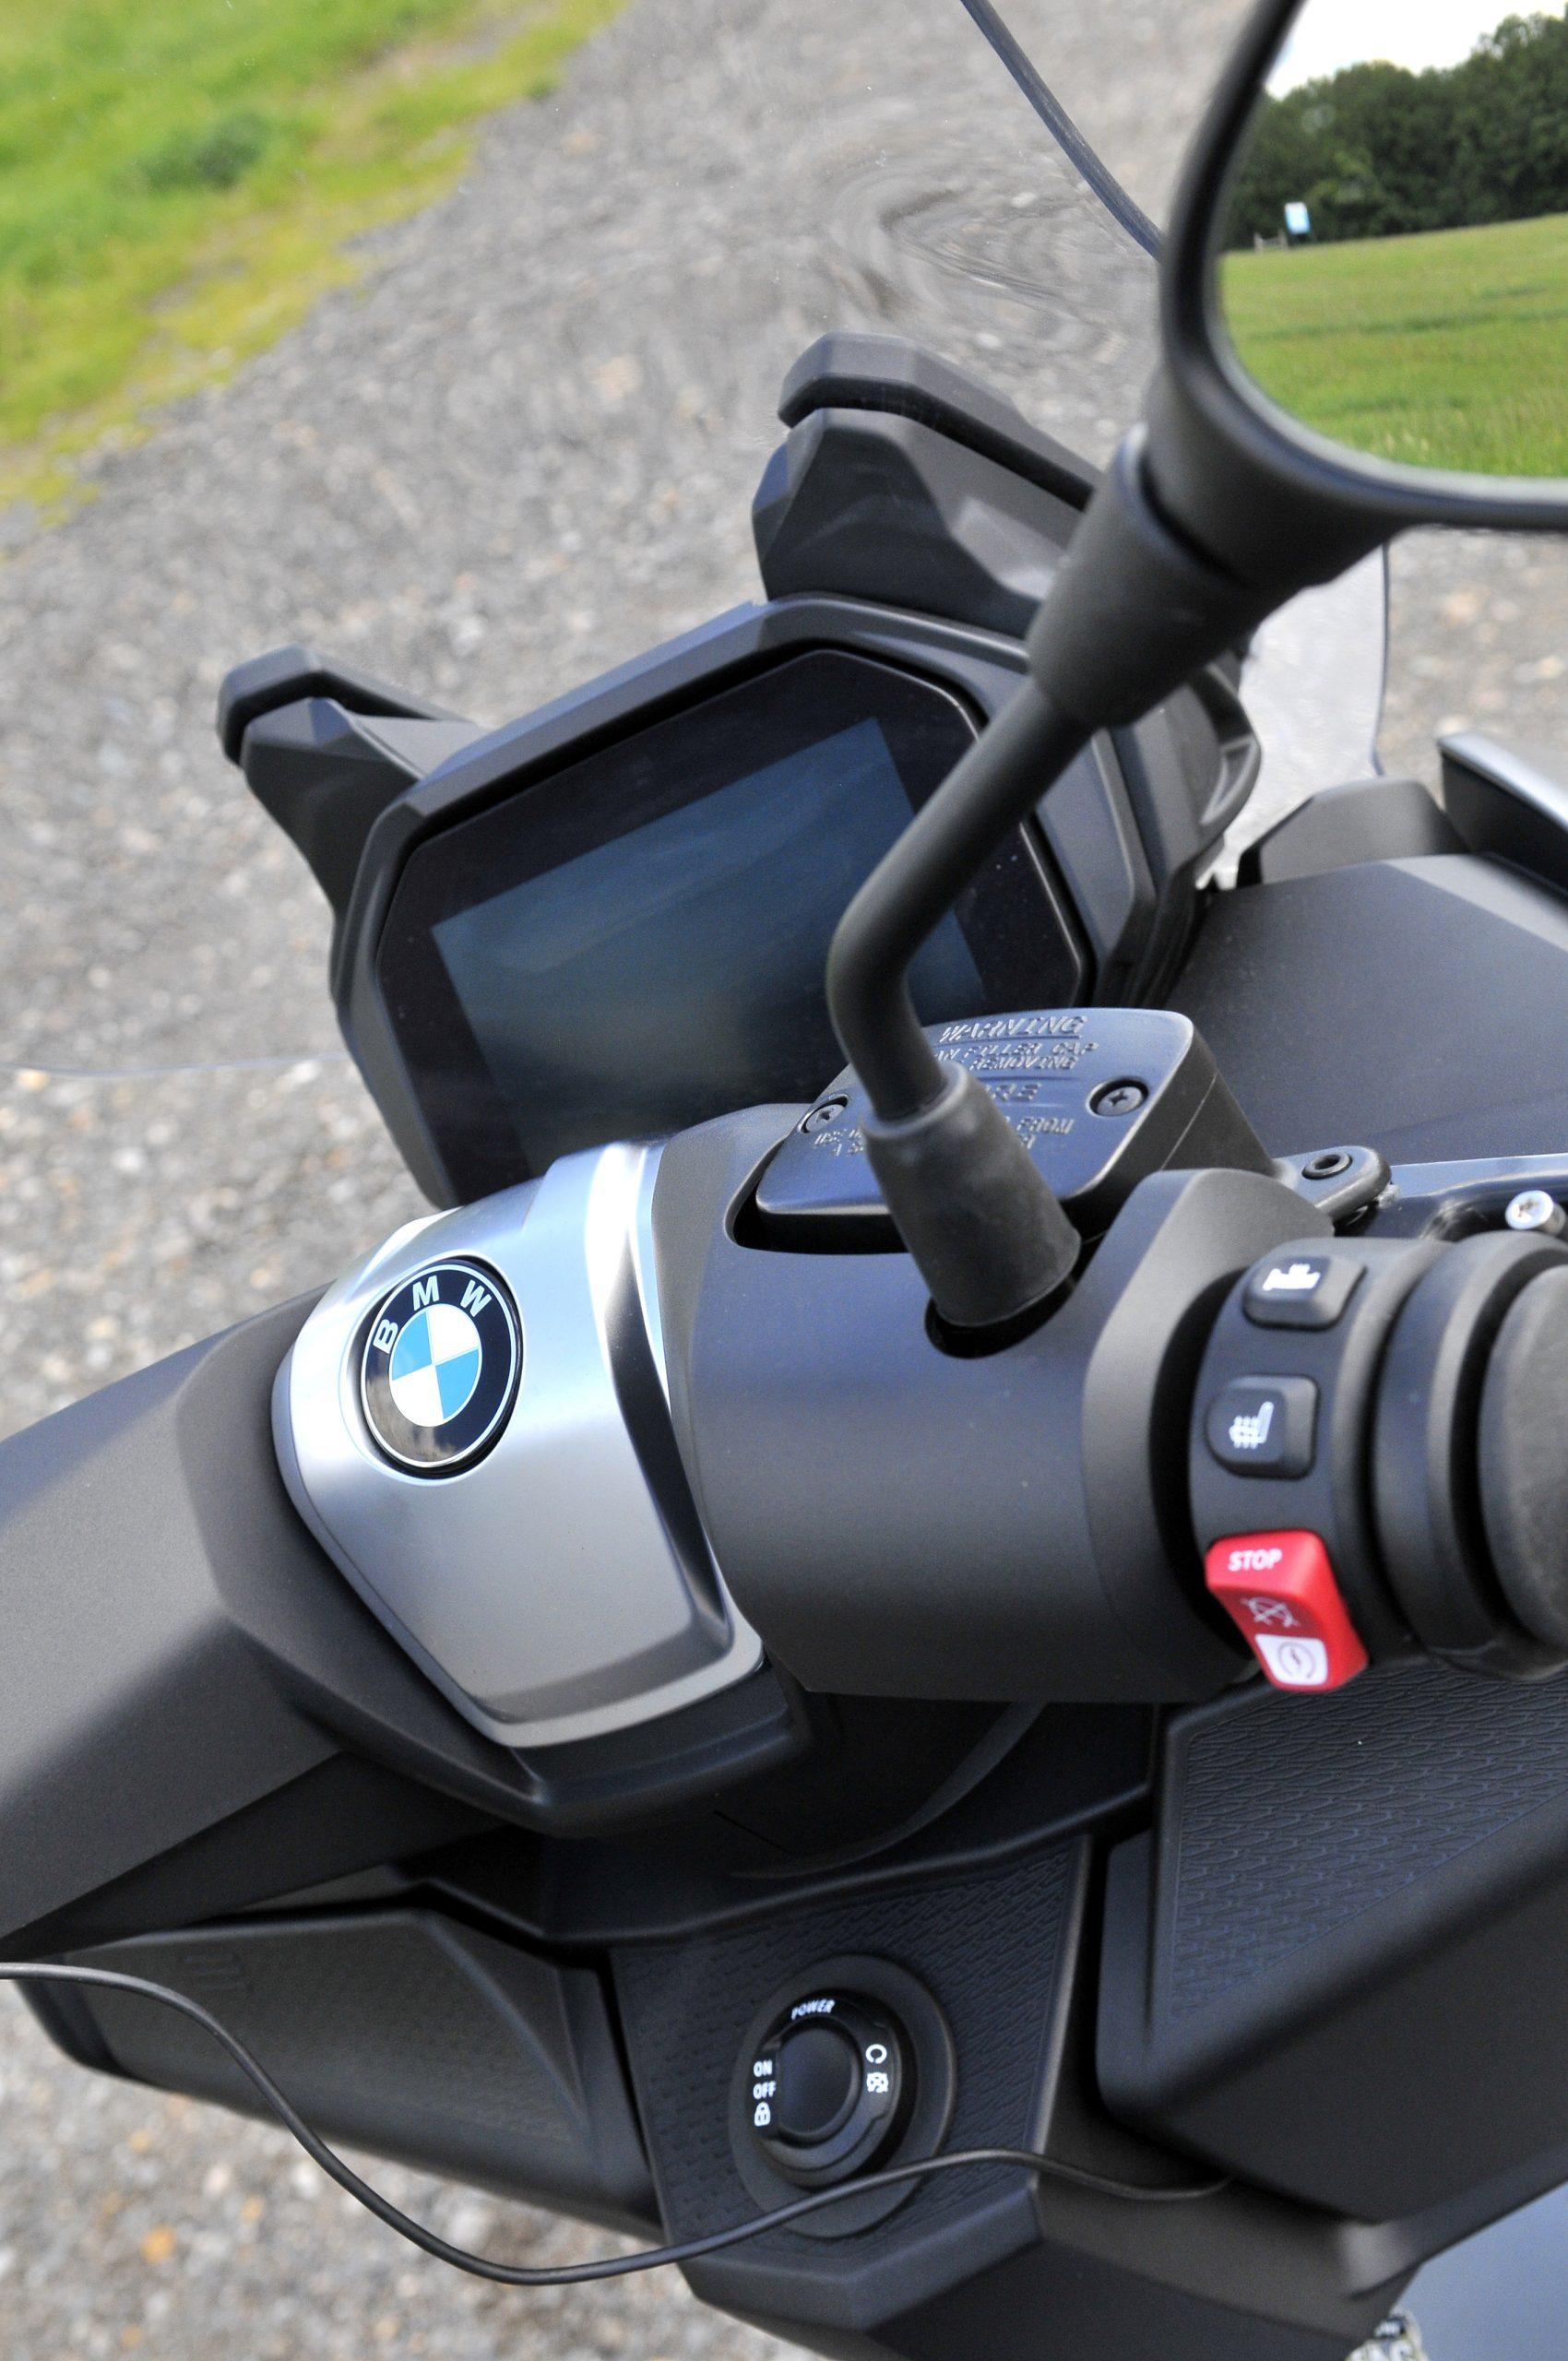 Controls on BMW C400 GT